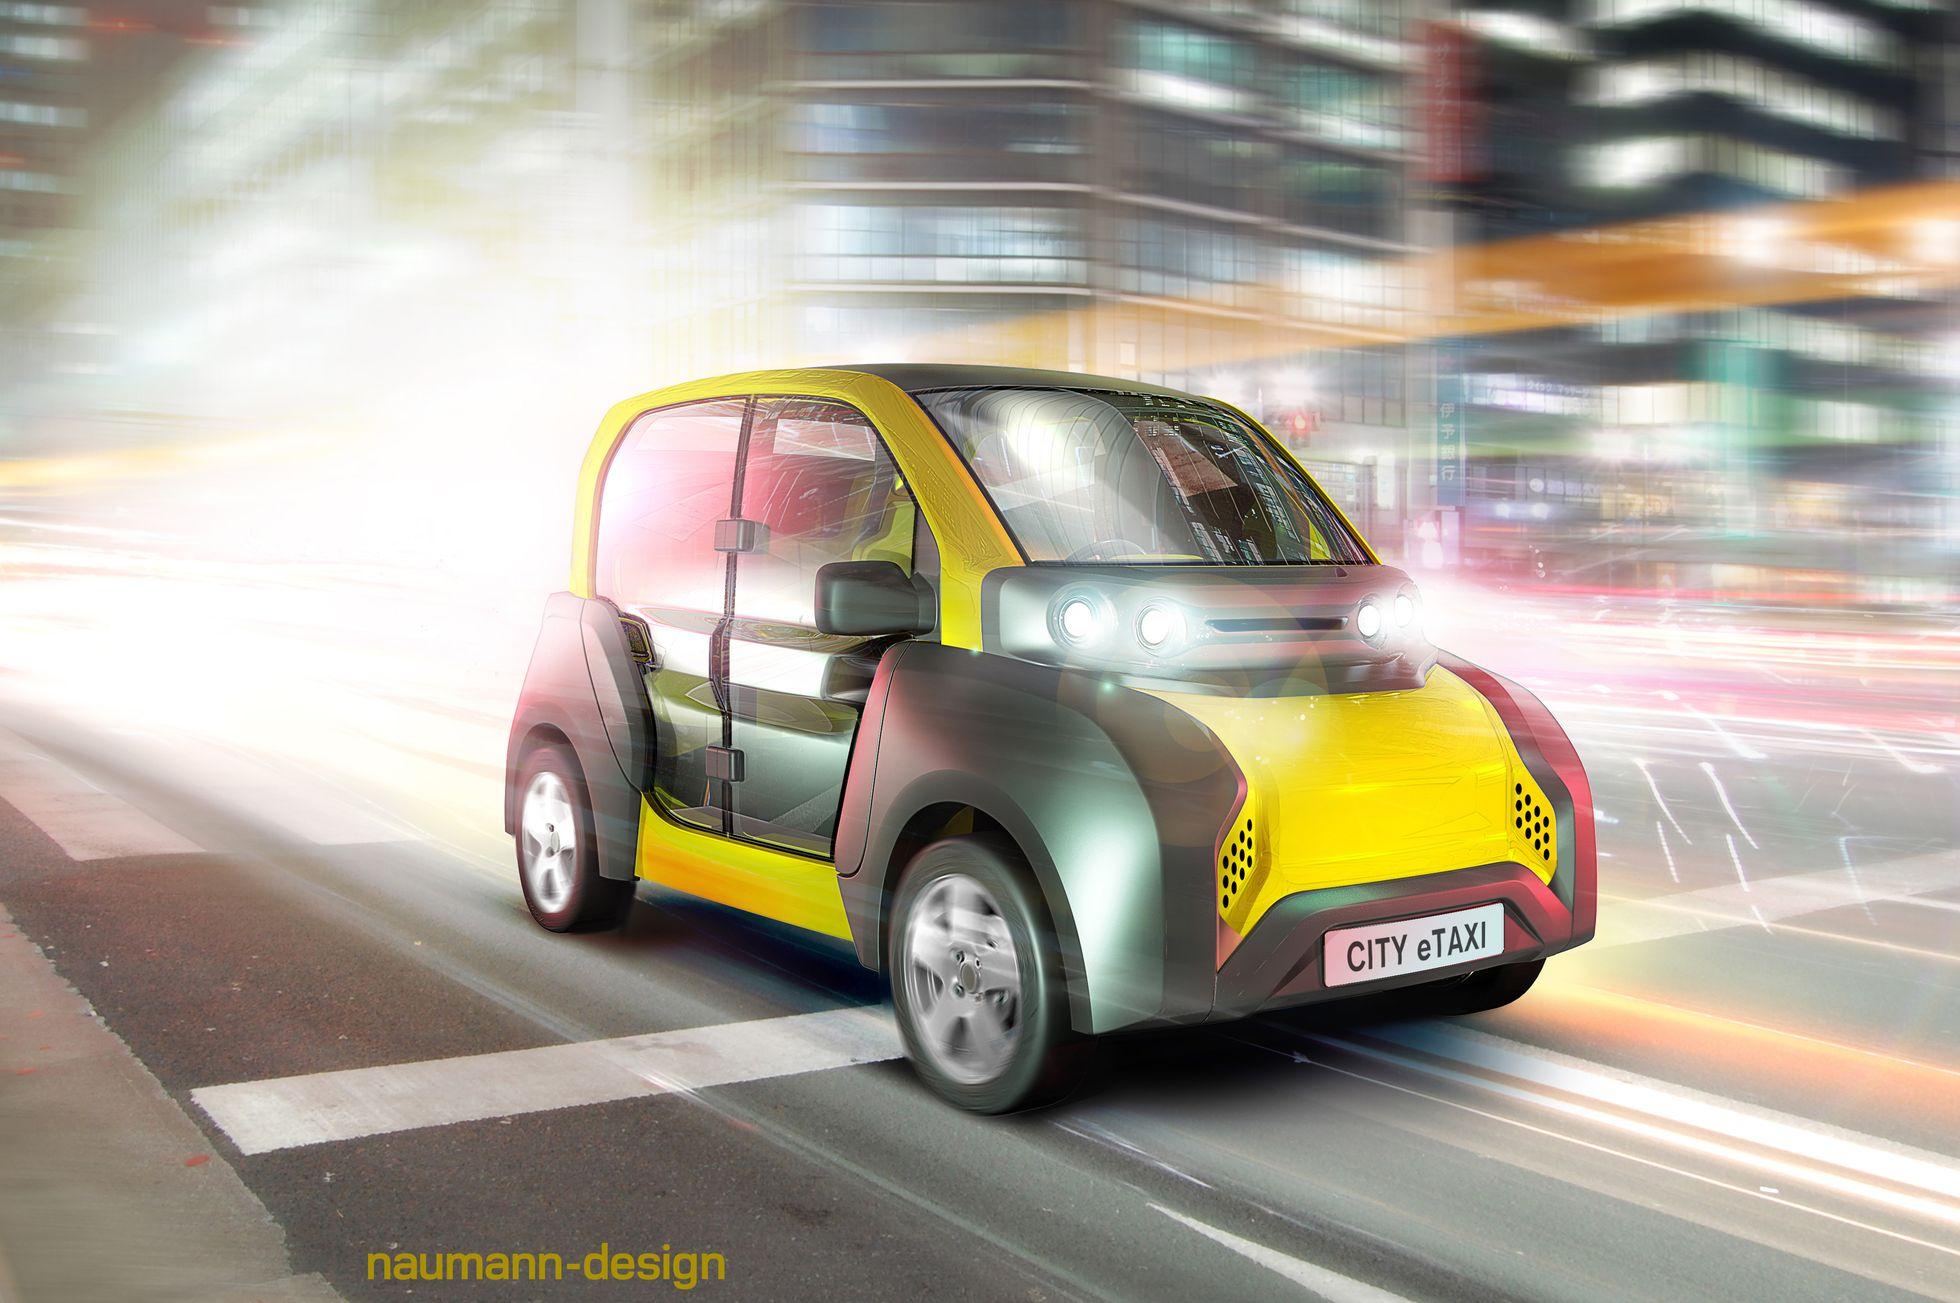 City E-Taxi: Ein Elektrotaxi mit Durchblick - Das Auto soll auf der Cebit 2017 vorgestellt werden. (Bild: Naumann-Design)